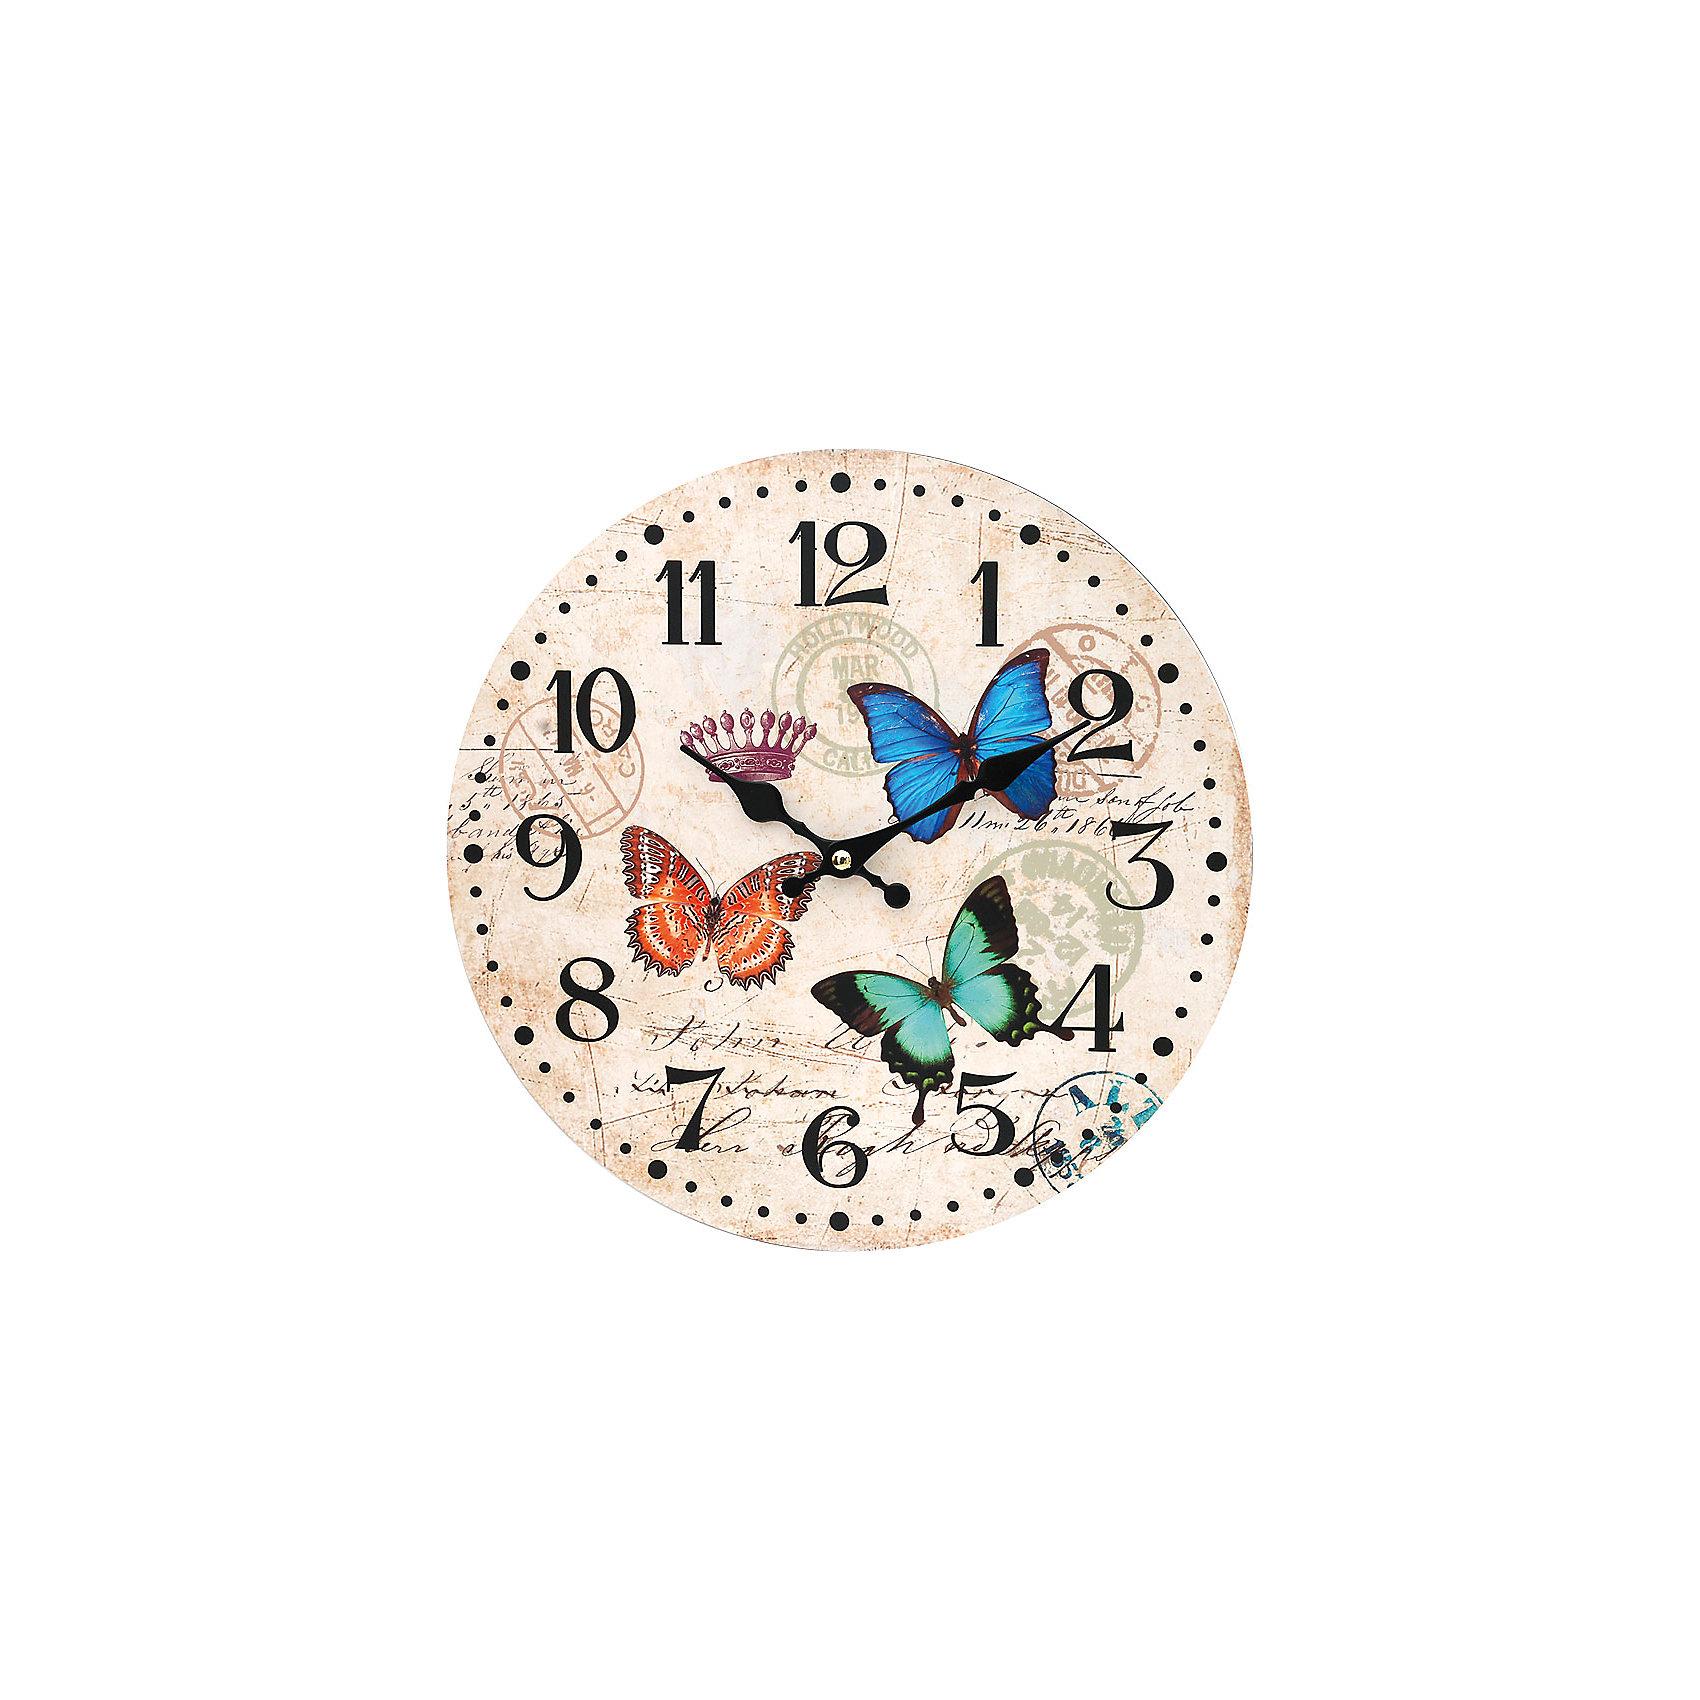 Часы настенные Разноцветные бабочки, диаметр 34 смЧасы настенные Разноцветные бабочки, диаметр 34 см.<br><br>Характеристики:<br><br>- Диаметр: 34 см.<br>- Две стрелки часовая и минутная<br>- Батарейка: 1 типа АА (в комплект не входит)<br>- Основной цвет: кремовый<br>- Упаковка картонная коробка<br><br>Кварцевые настенные часы с механизмом плавного хода помимо своего прямого назначения – показывать точное время – станут важным элементом декора Вашего дома, квартиры или офиса. Открытый циферблат часов выполнен из листа оргалита с декоративным покрытием, оформлен изображением порхающих разноцветных бабочек. Часовая и минутная стрелки металлические. Часовой механизм закрыт пластиковым корпусом. Часы будут ярким акцентом в интерьере и создадут дополнительный уют и хорошее настроение.<br><br>Часы настенные Разноцветные бабочки, диаметр 34 см можно купить в нашем интернет-магазине.<br><br>Ширина мм: 345<br>Глубина мм: 340<br>Высота мм: 45<br>Вес г: 2500<br>Возраст от месяцев: 72<br>Возраст до месяцев: 144<br>Пол: Унисекс<br>Возраст: Детский<br>SKU: 5089824